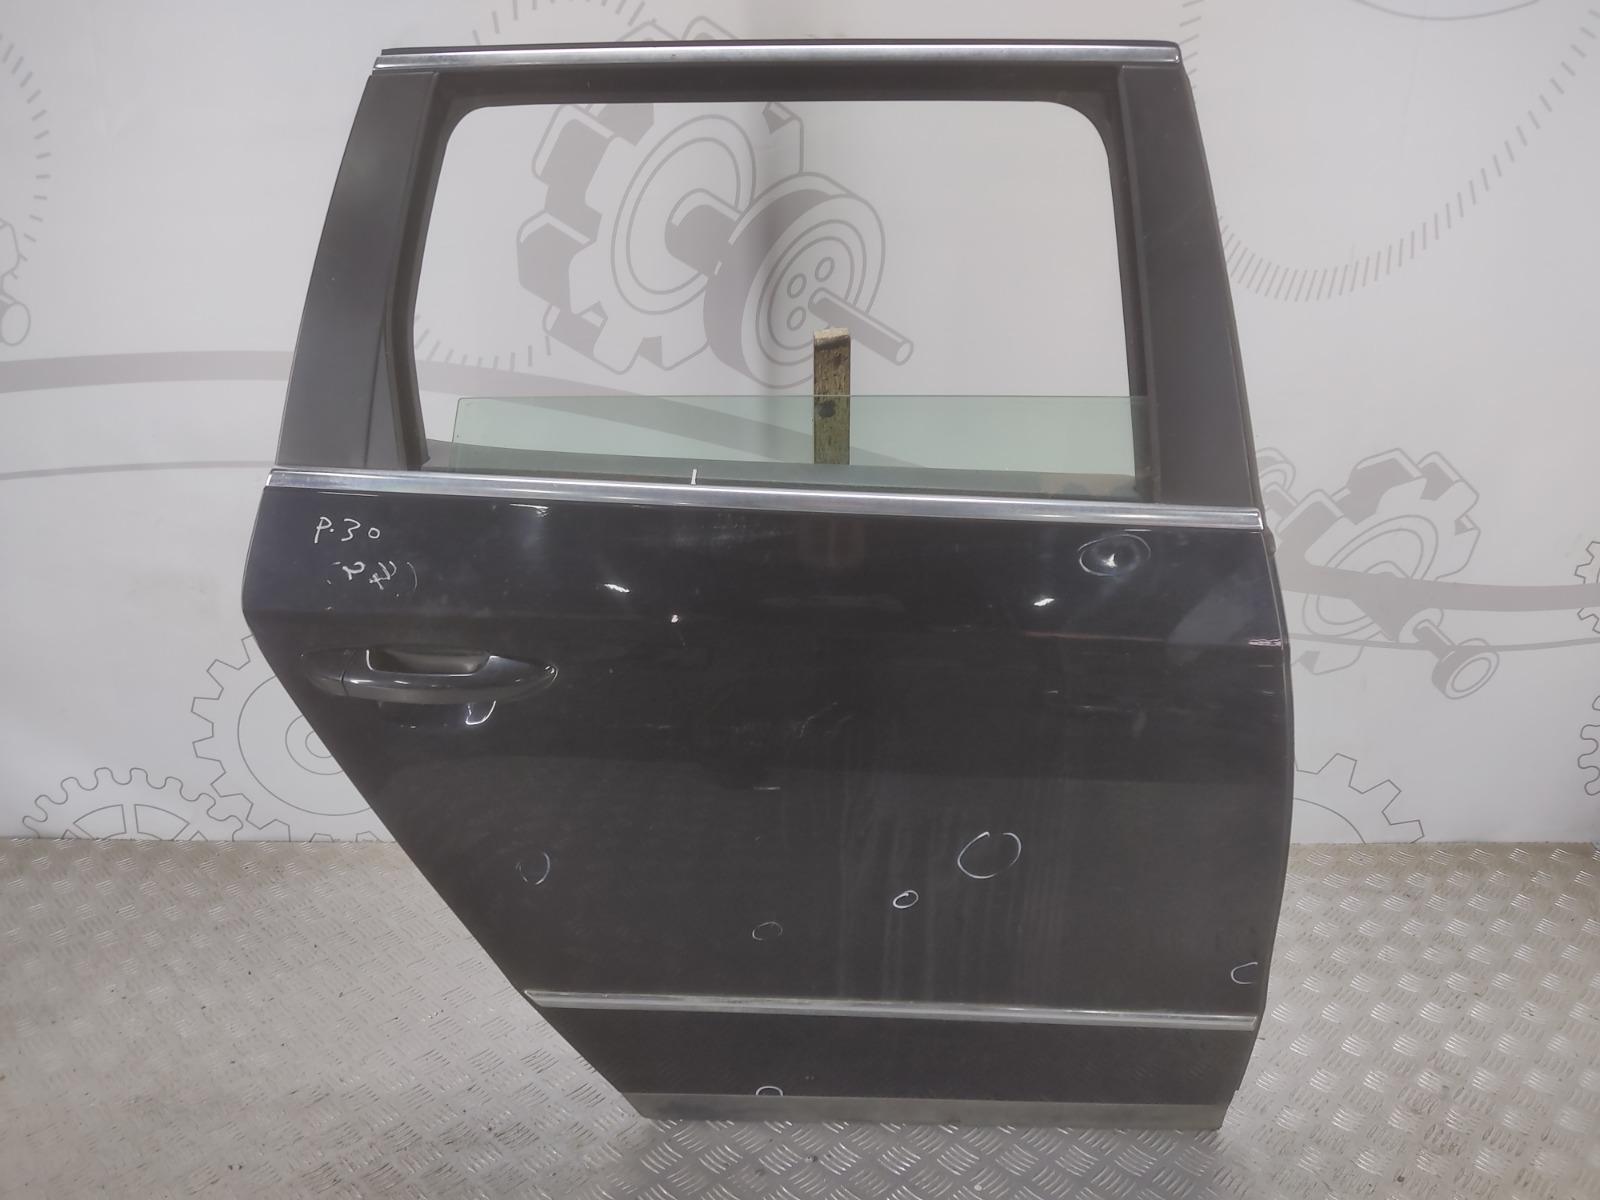 Дверь задняя правая Volkswagen Passat B6 2.0 TDI 2007 (б/у)